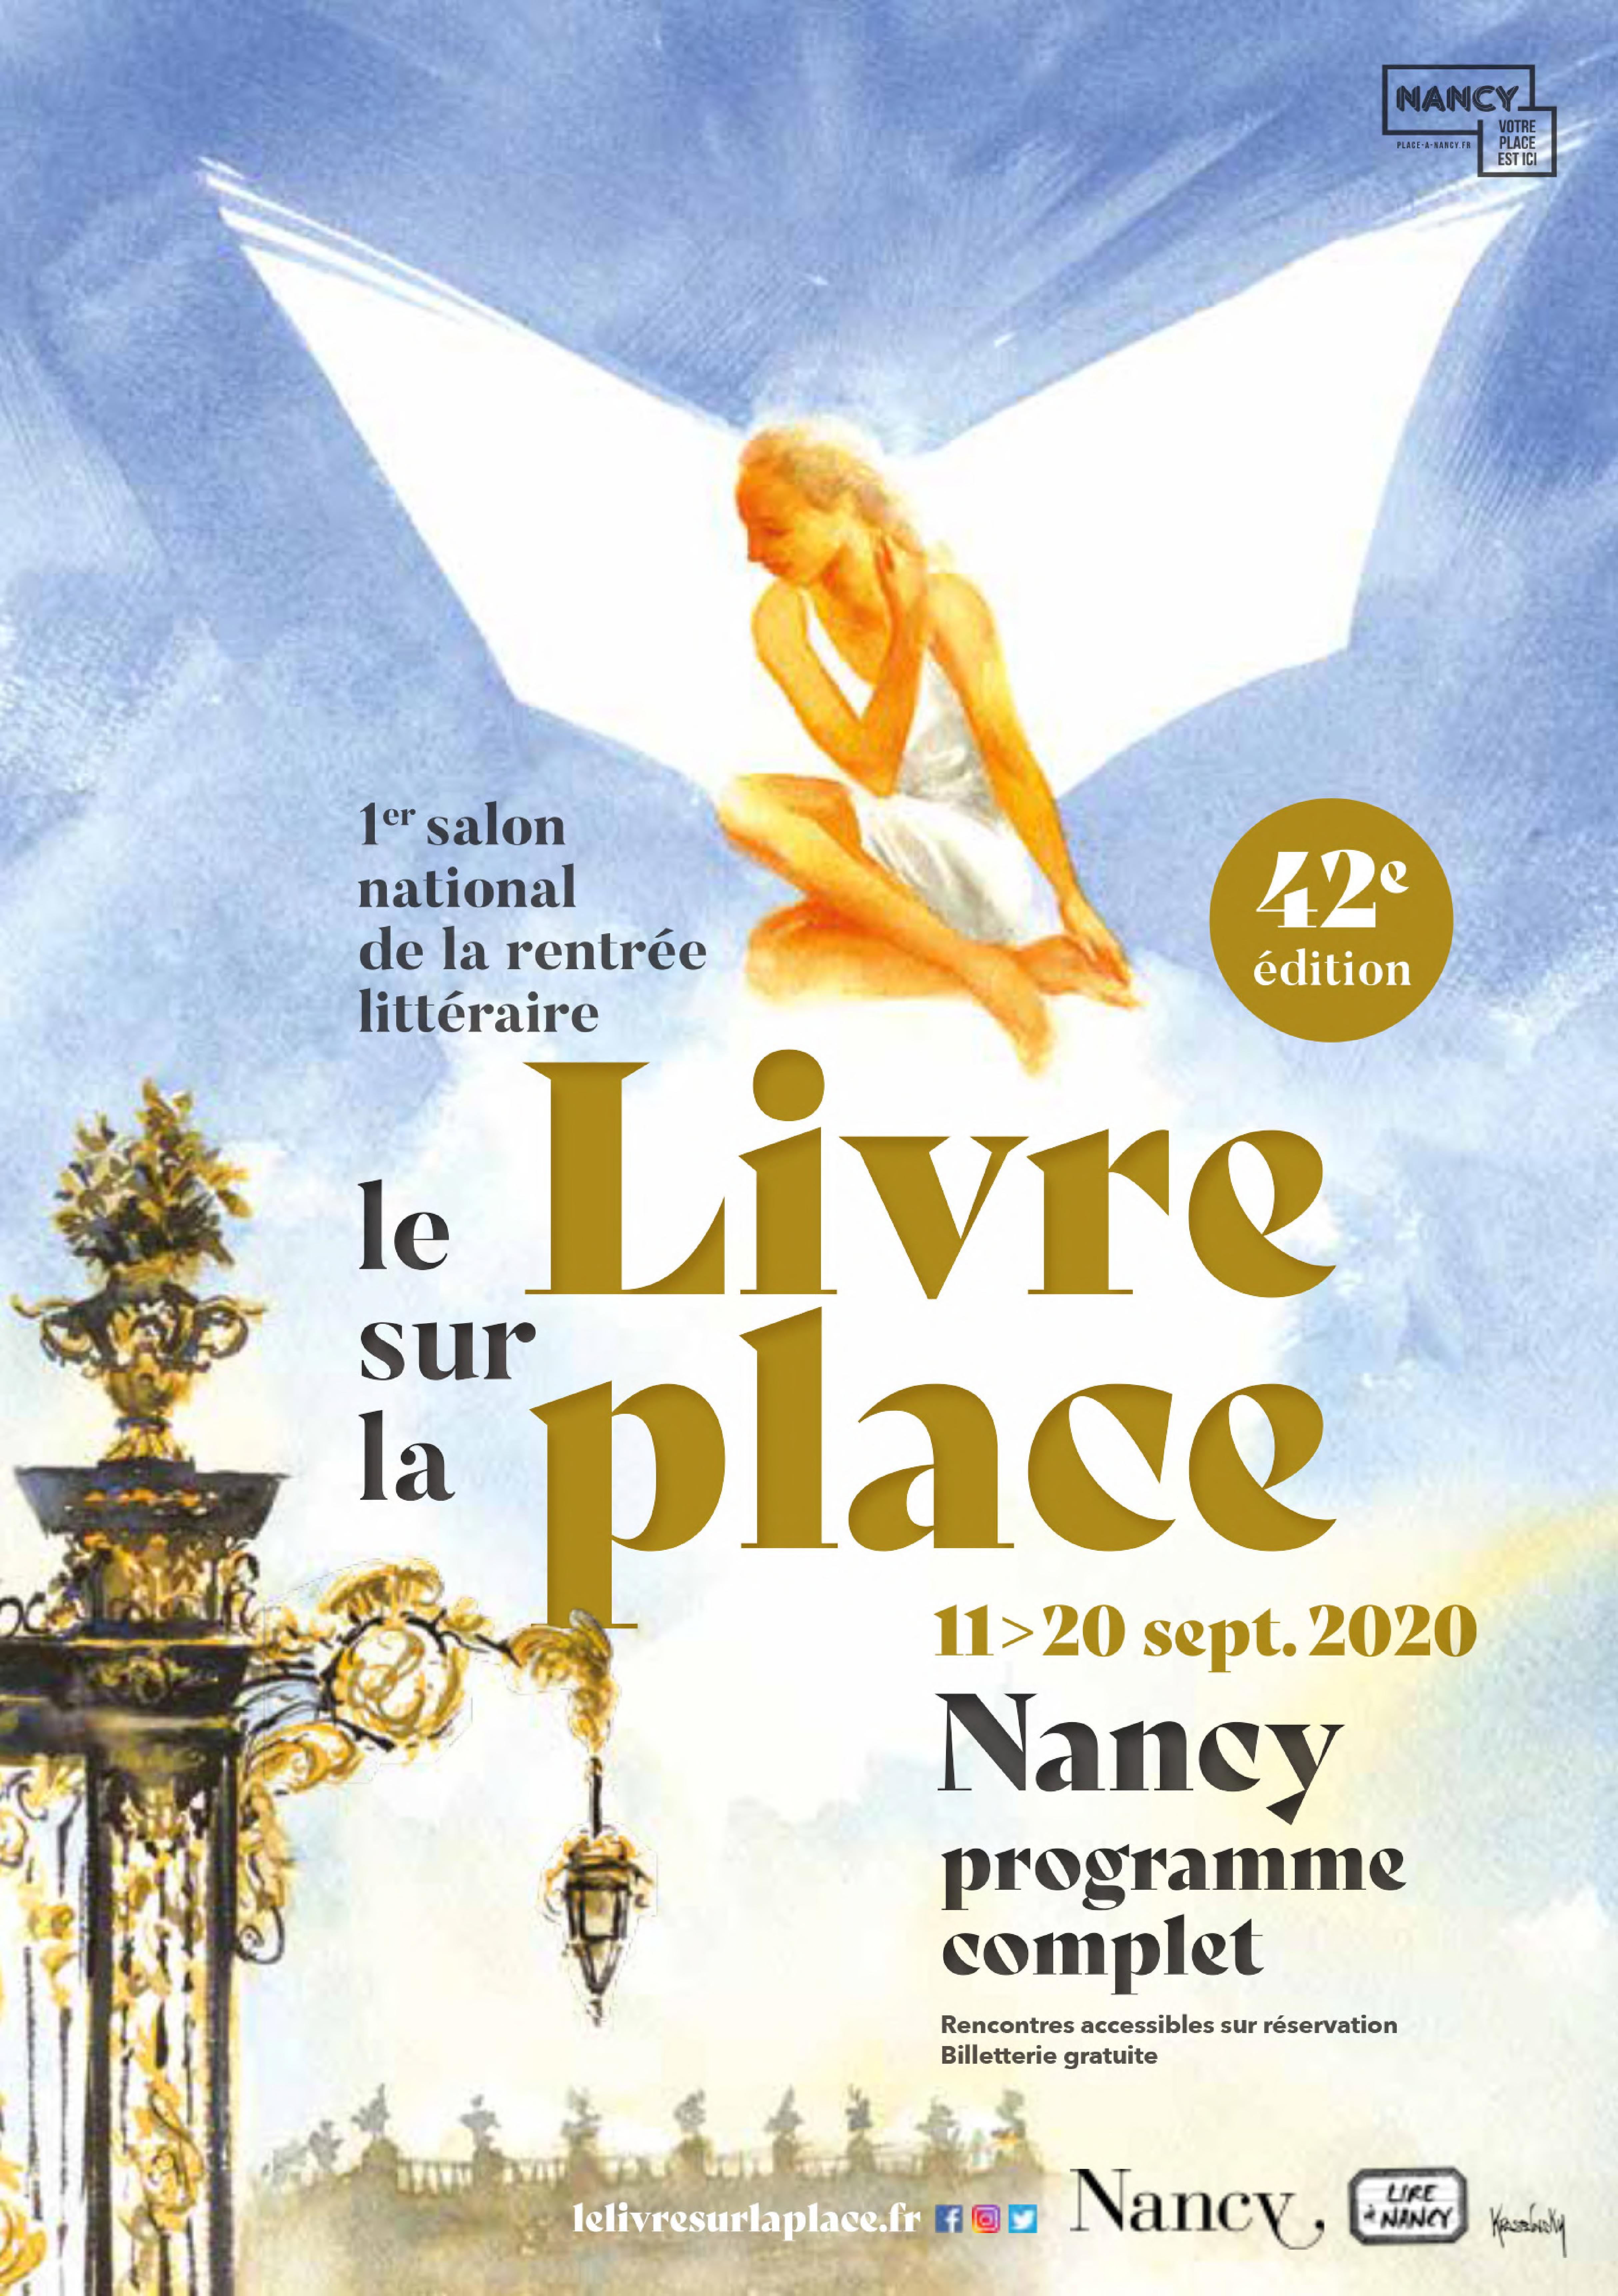 Le Livre sur la place Nancy 2020 Lorraine